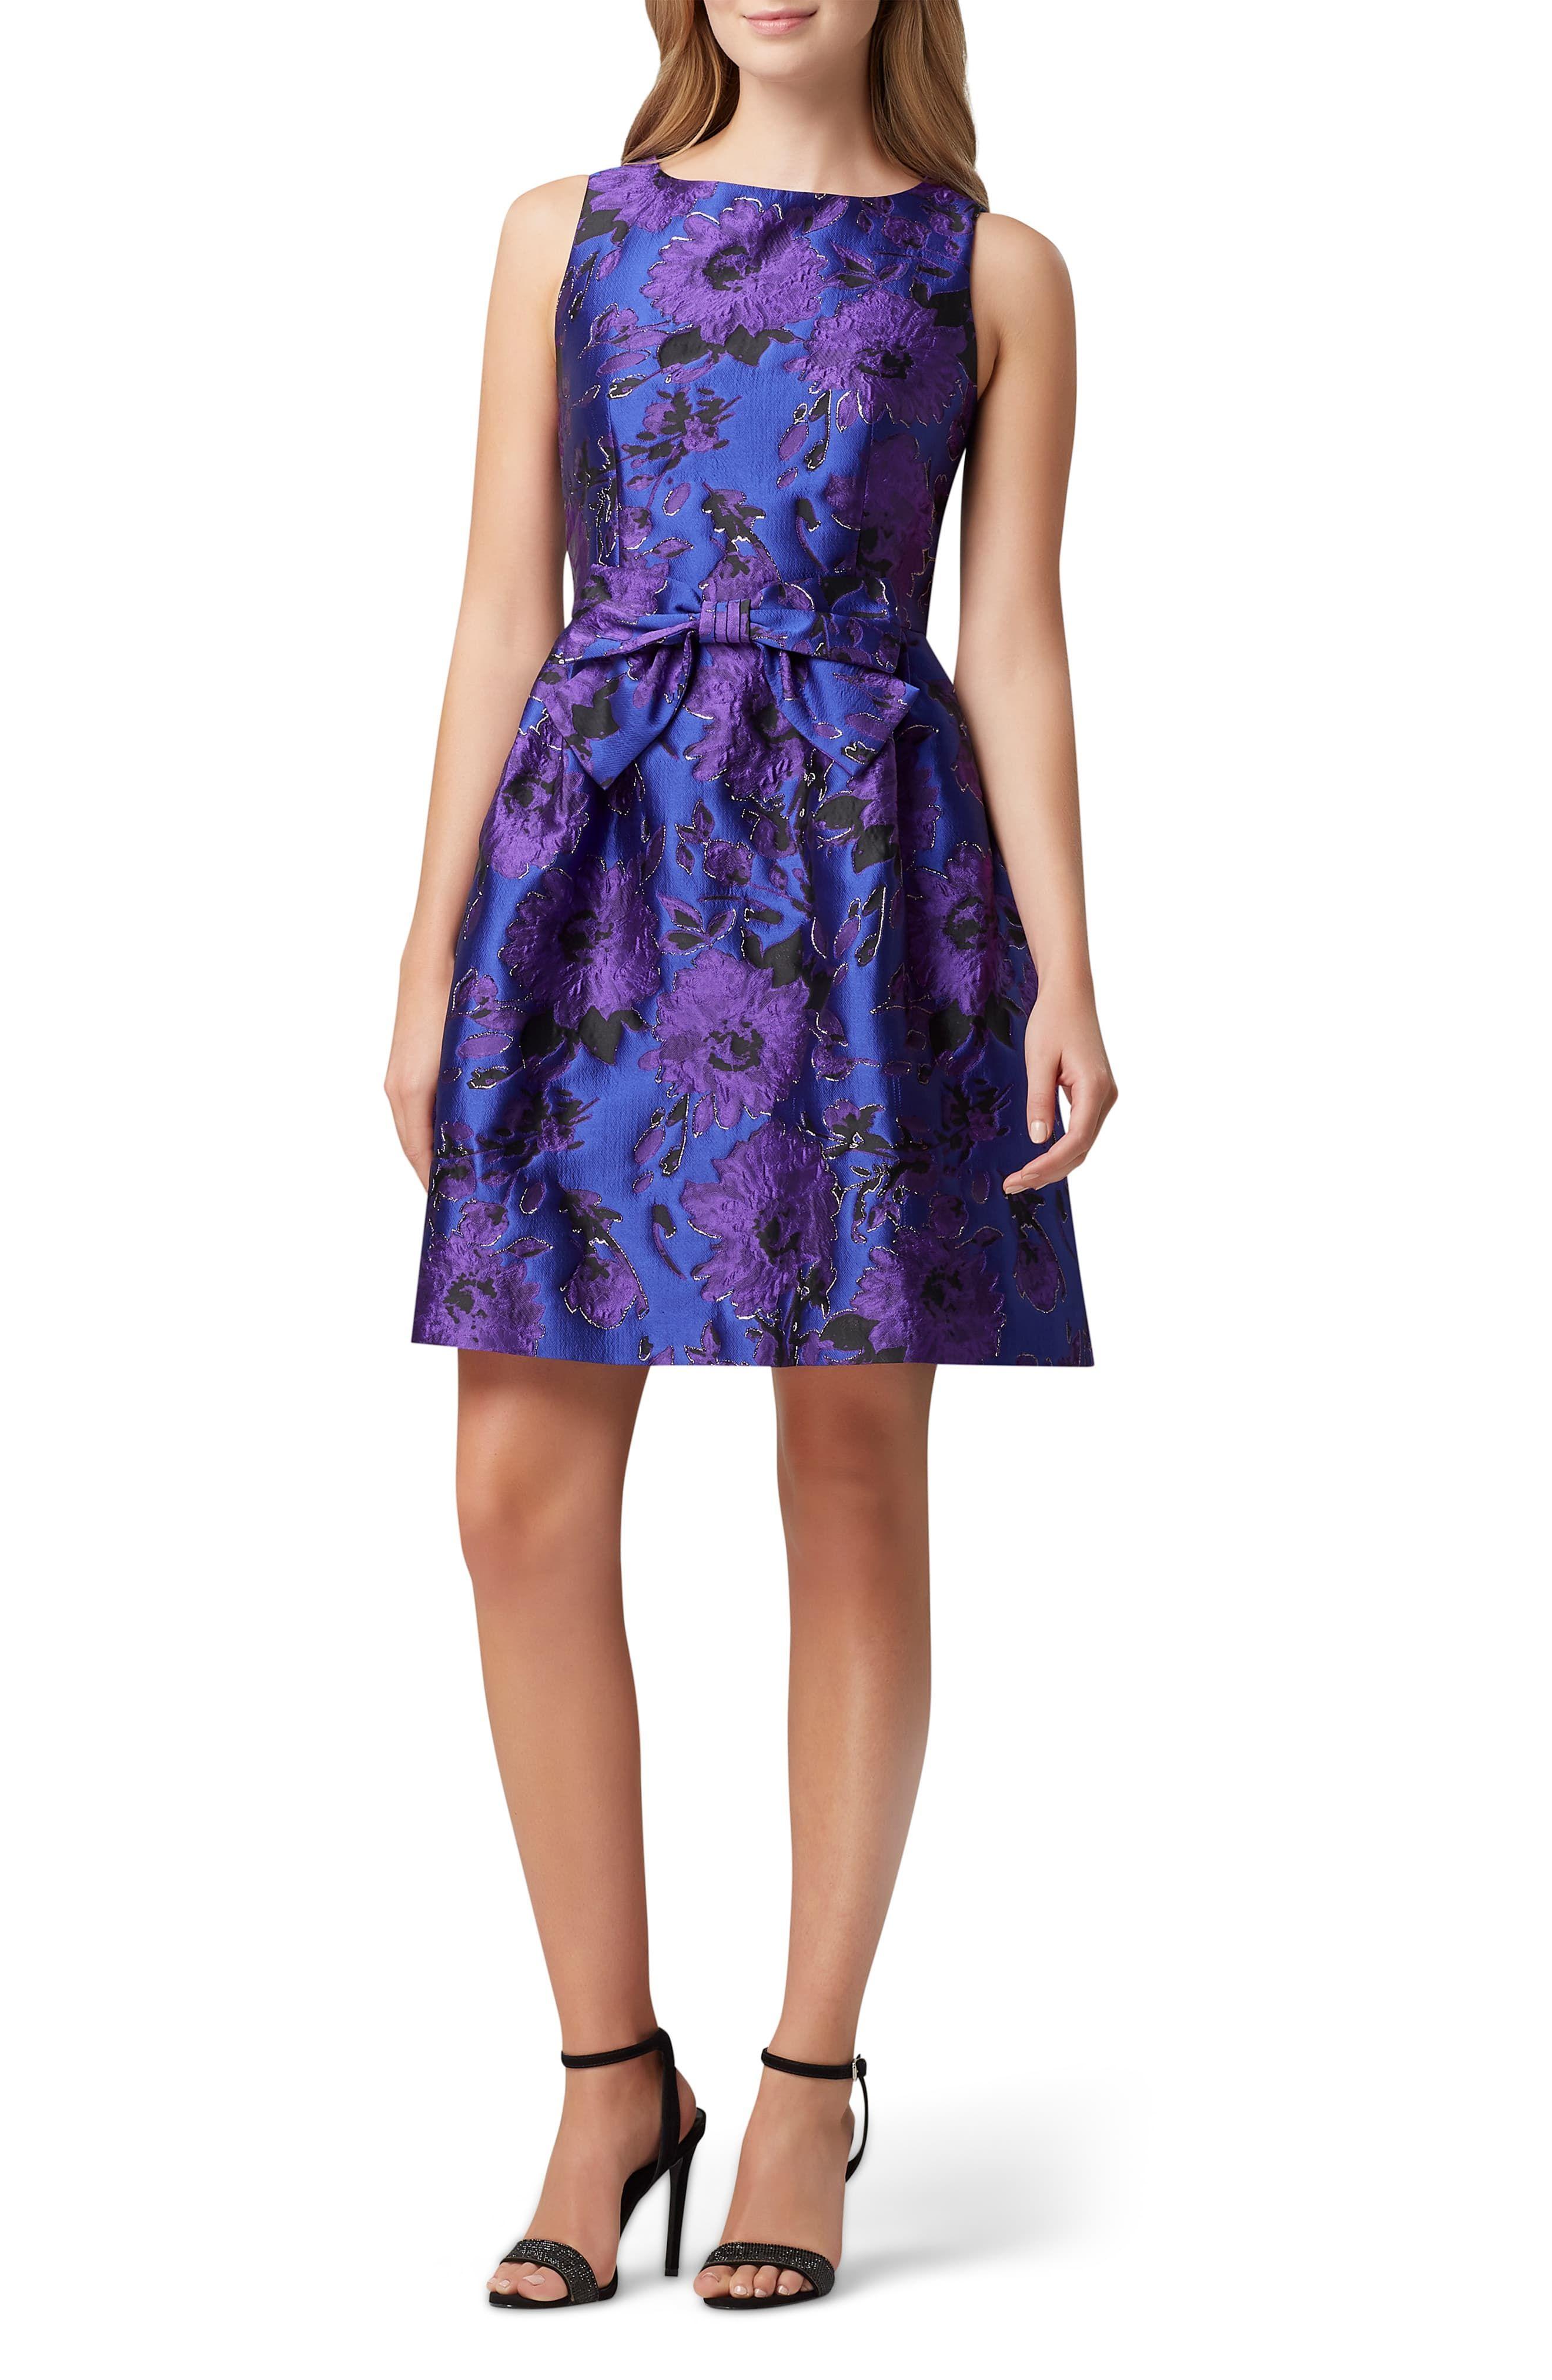 Hippie Womens Tahari Jacquard Fit Flare Dress Jacquard Dress Flare Dress Fashion Clothes Women [ 4048 x 2640 Pixel ]